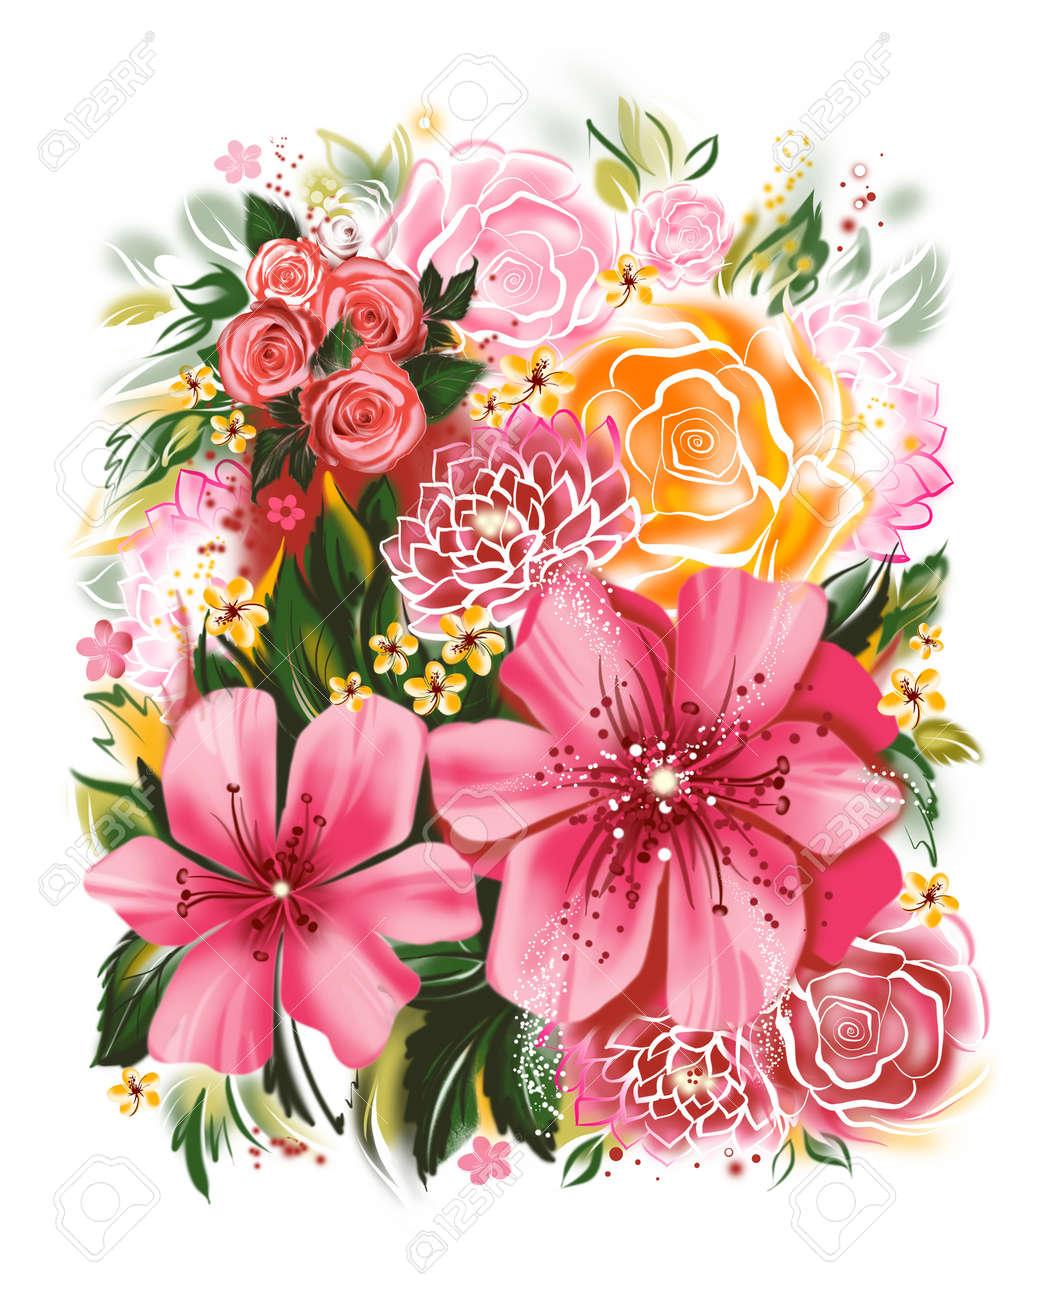 Exceptionnel Illustrazione A Colori Di Fiori Dipinti Ad Acquerello. Biglietto  HY55